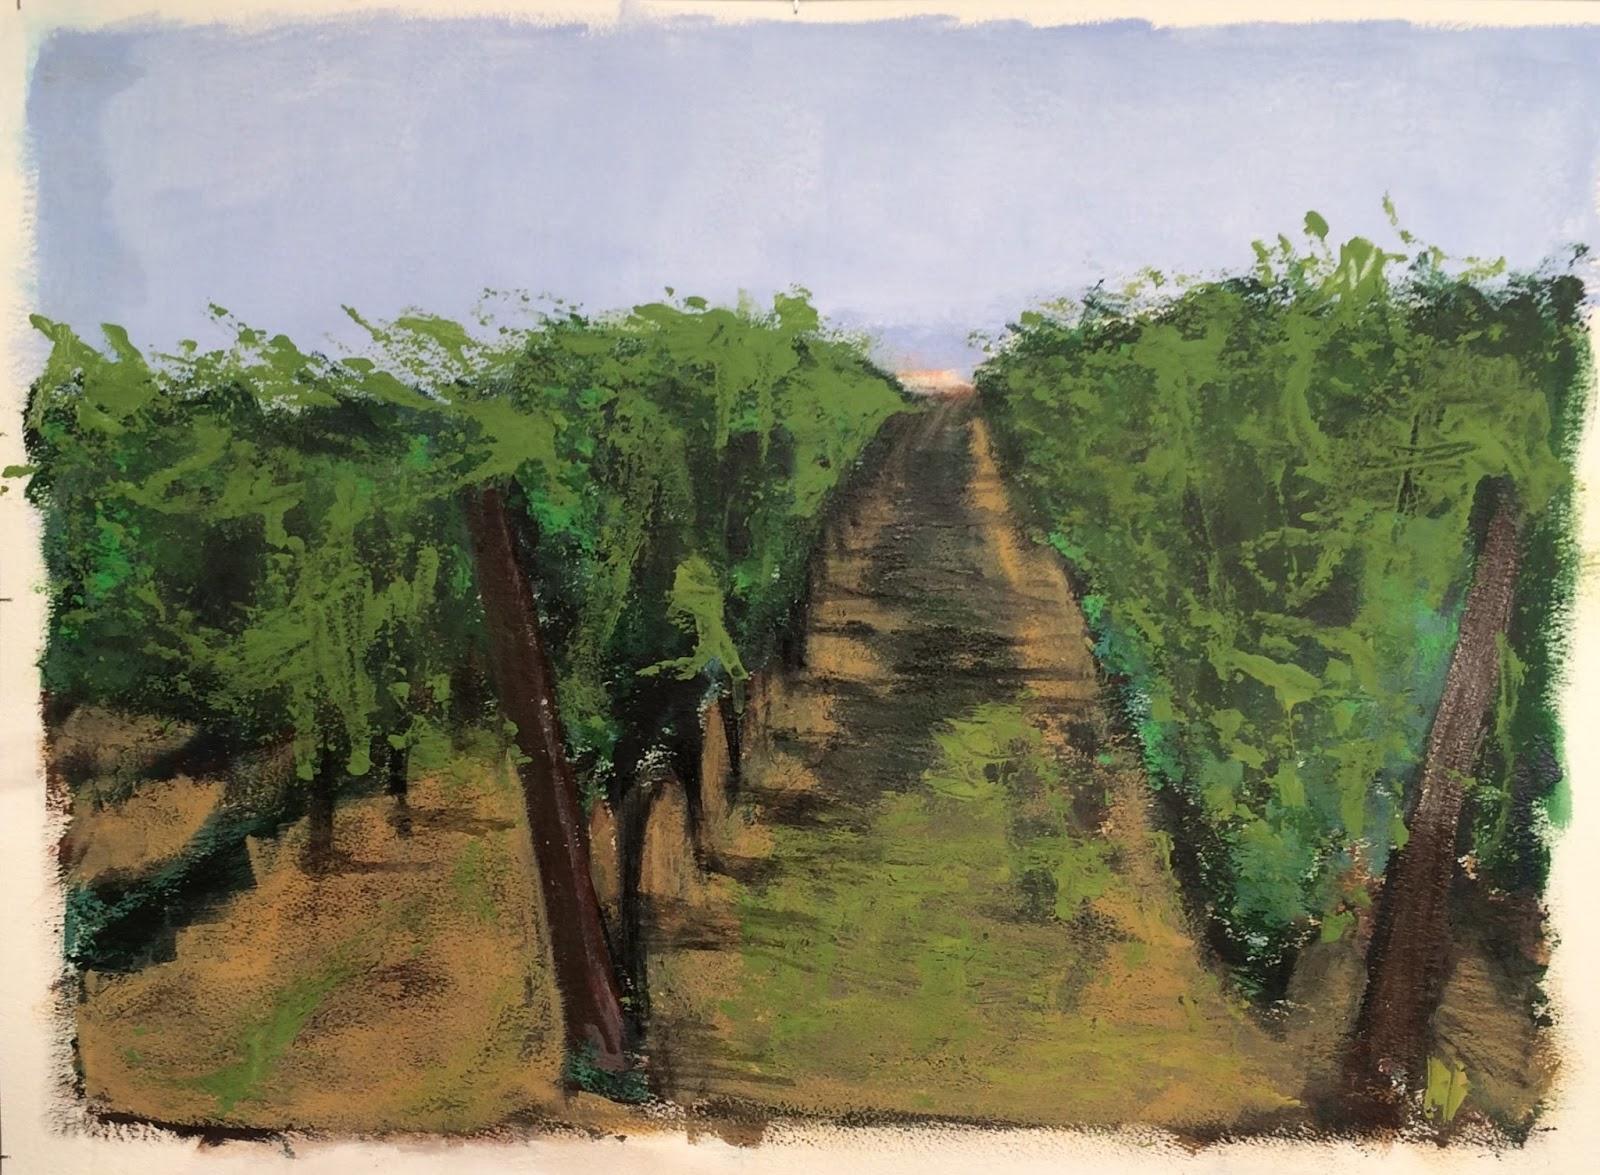 N°3013 - Vigne - Acrylique et pigments sur papier - 58 x 76 cm - 9 août 2016